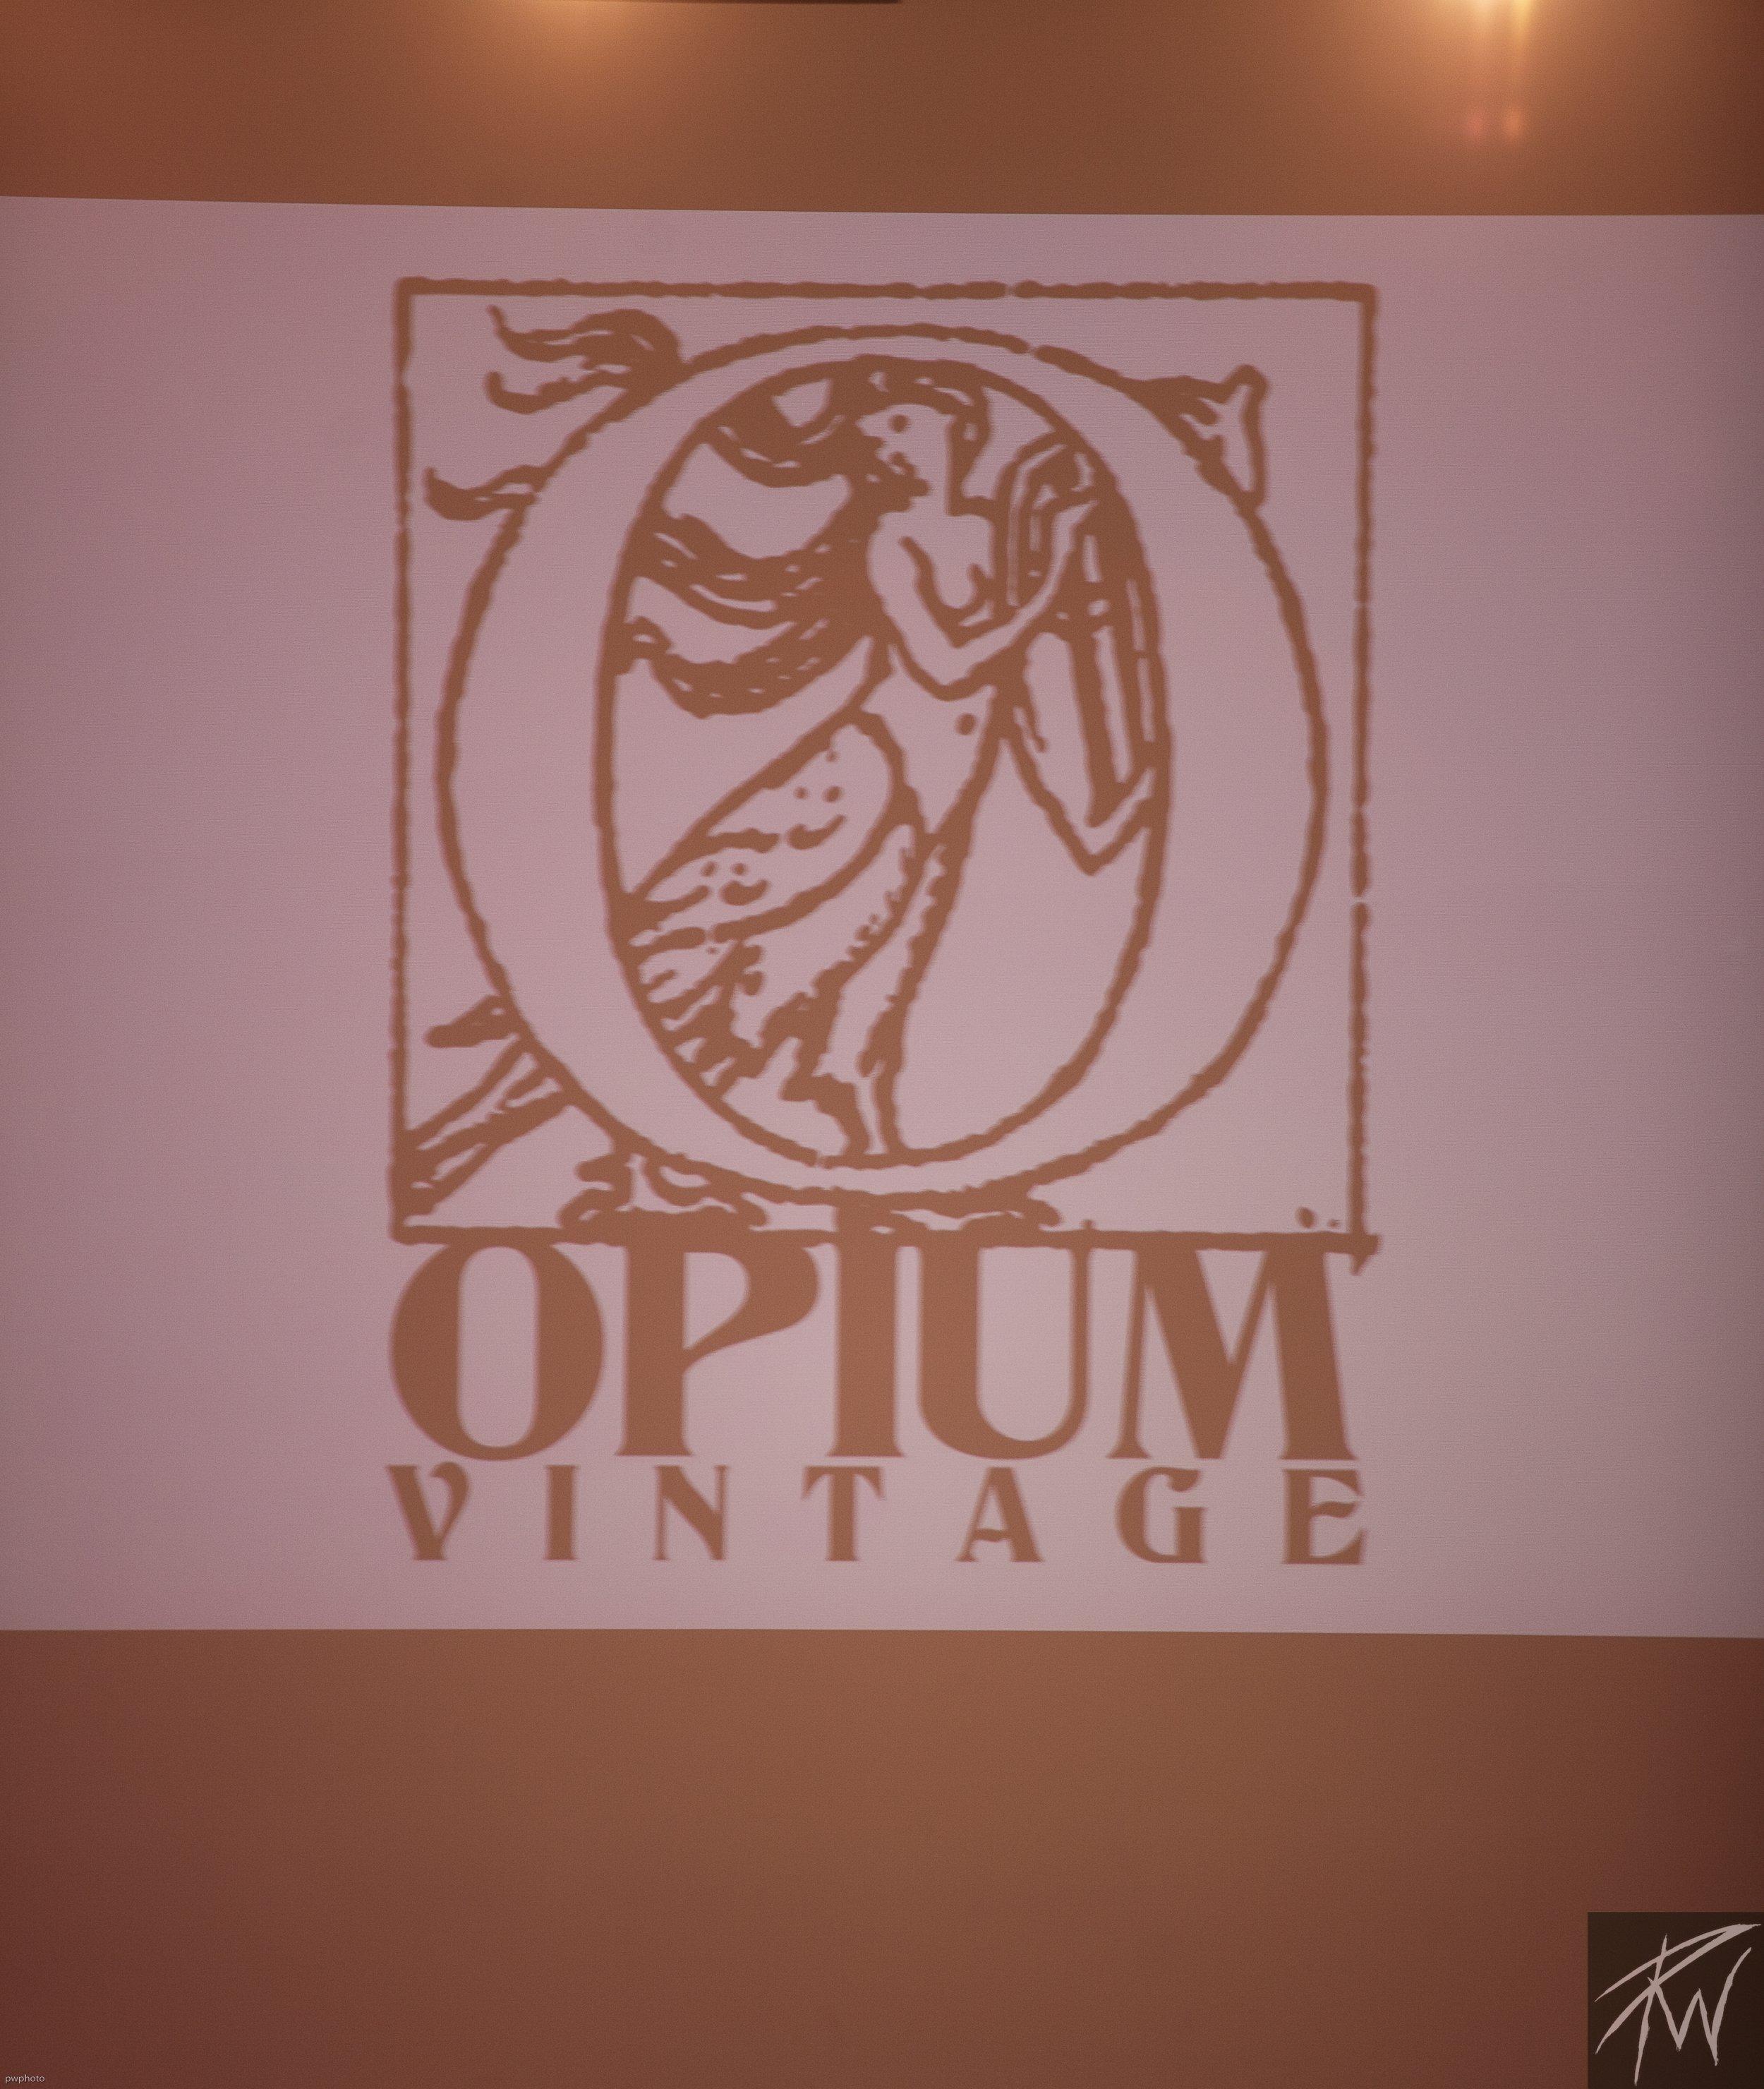 Opium Vintage